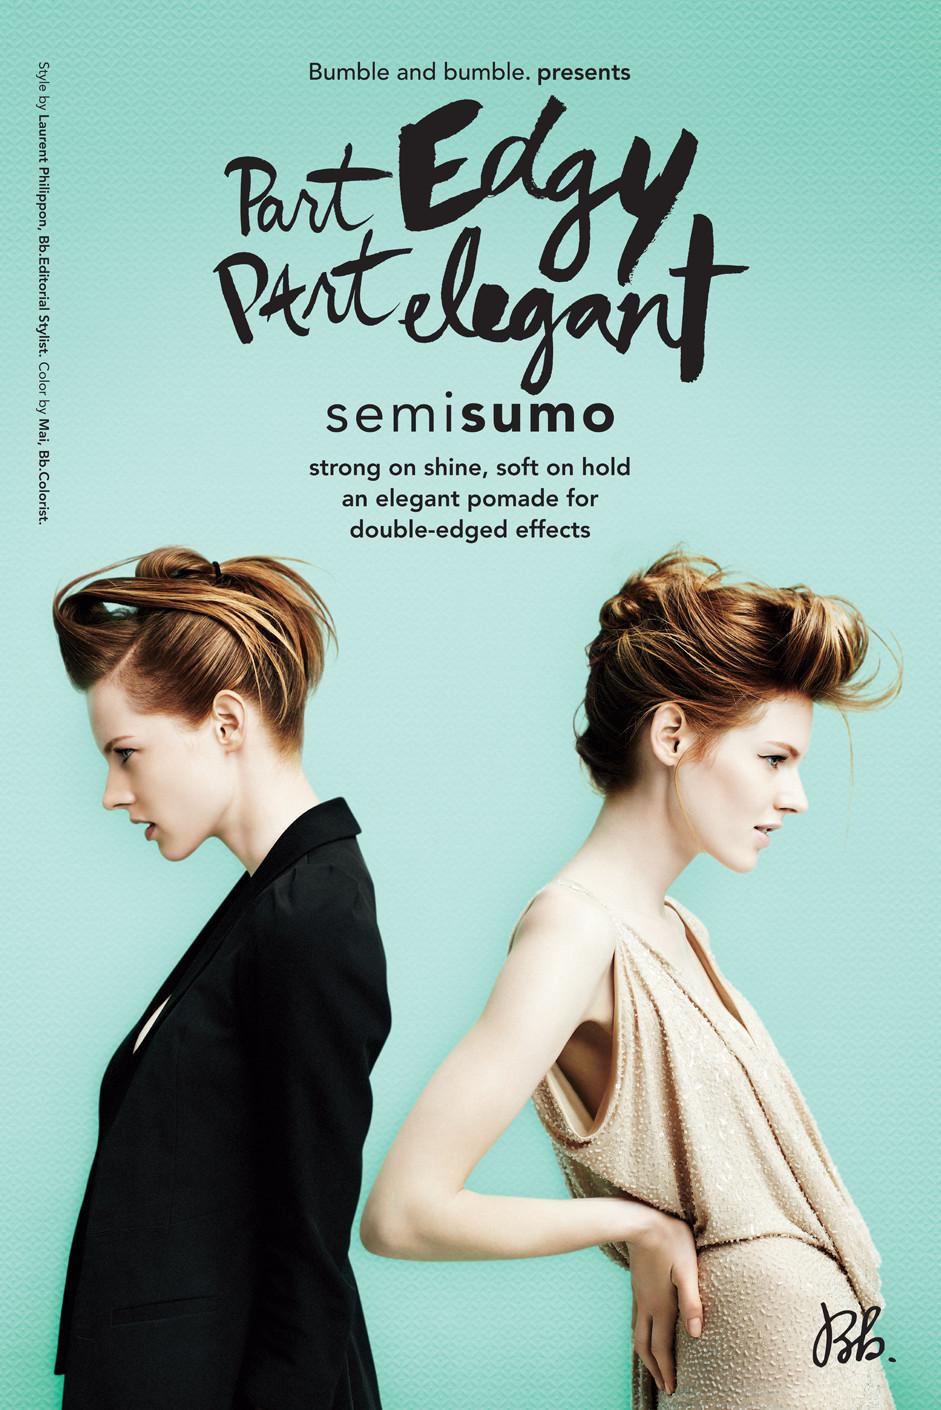 semisumo-campaign-2